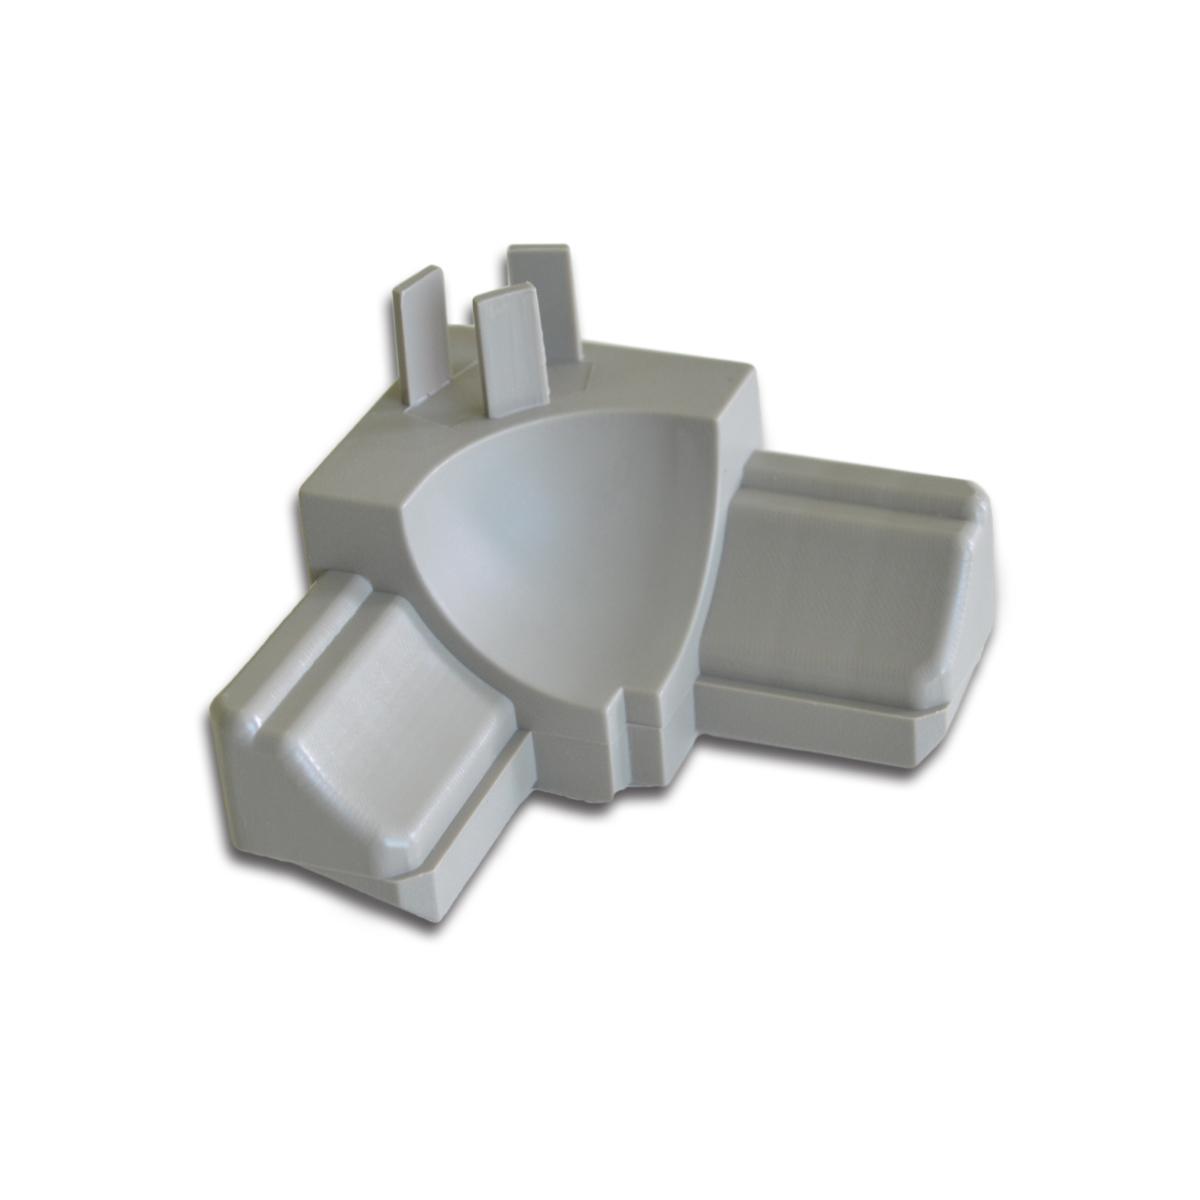 Profili per rivestimenti Accessori Coflex CRT Profilitec